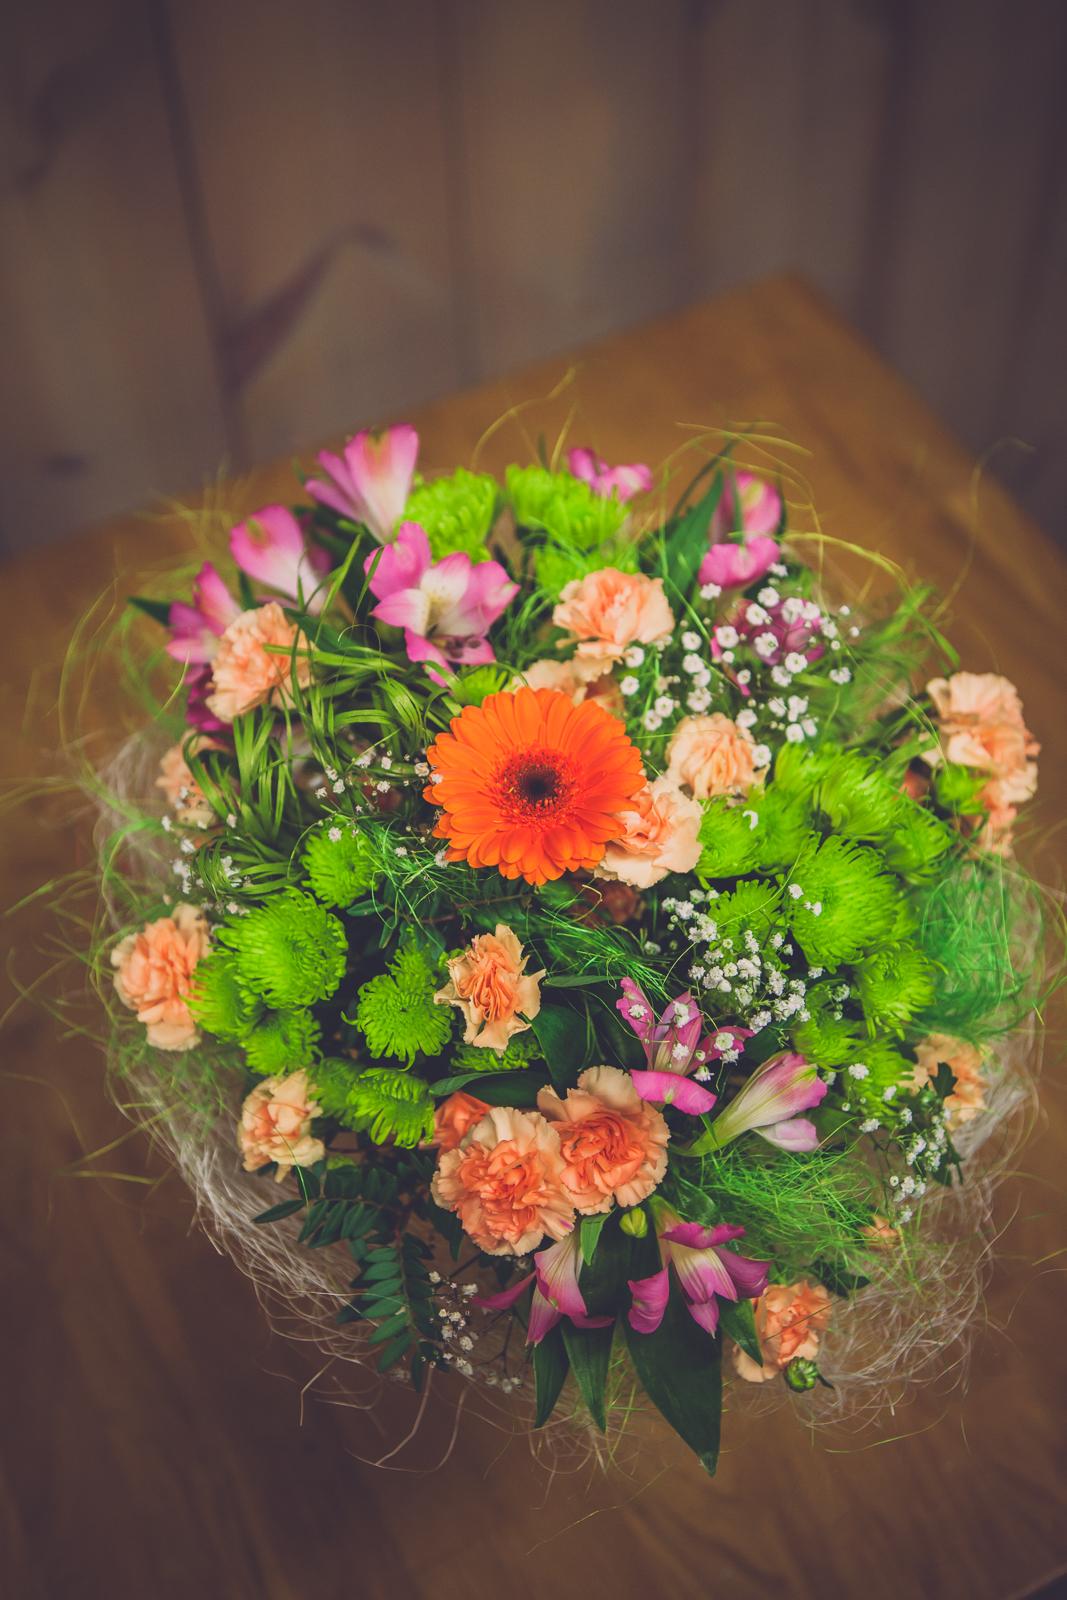 Helgeid soove jardin lilled for Jardin lilled